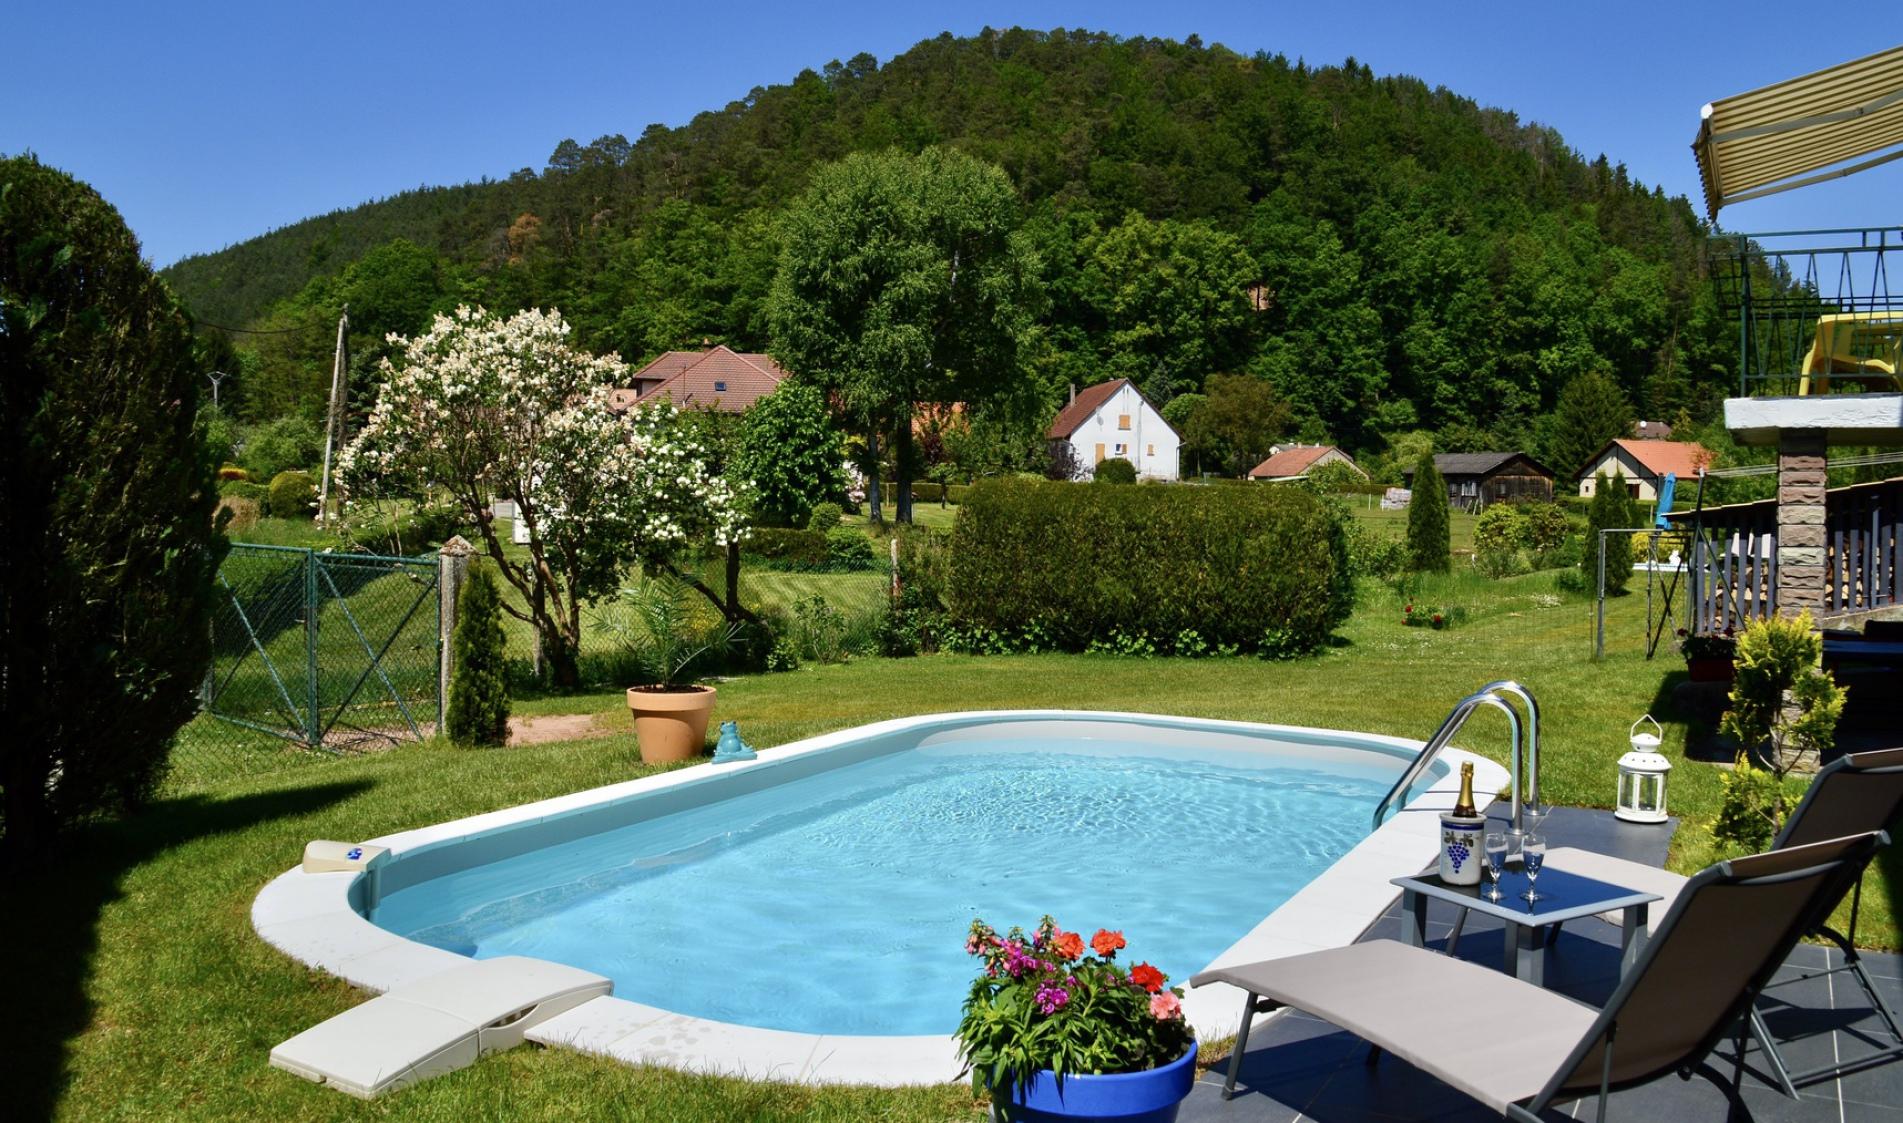 Gite avec piscine privée dans les Vosges du Nord Alsace Moselle à Sturzelbronn avec Piscine privée, proche de Bitche et Niederbronn. Ferienhaus mit pool Elsass, Vakantiehuis Noordelijke Vogezen